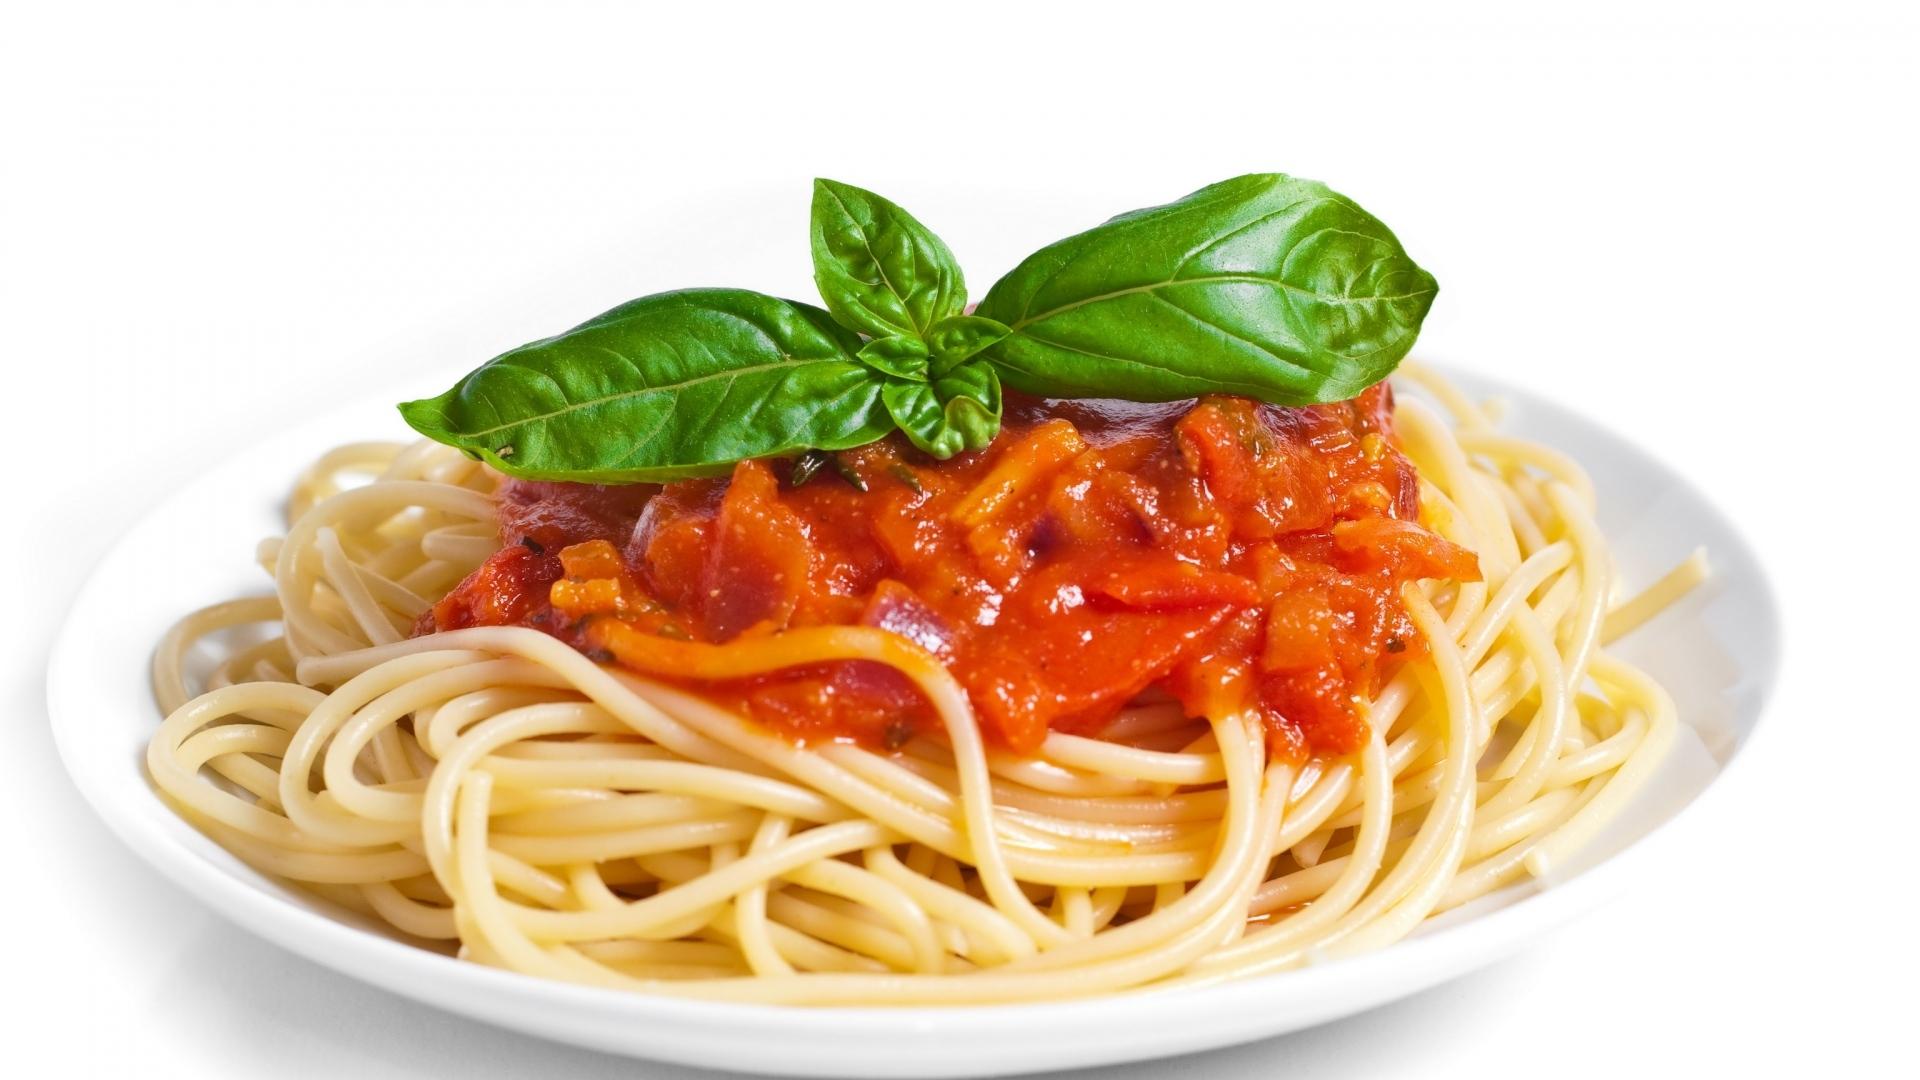 Spaghetti clipart, Picture #26904 spaghetti clipart.